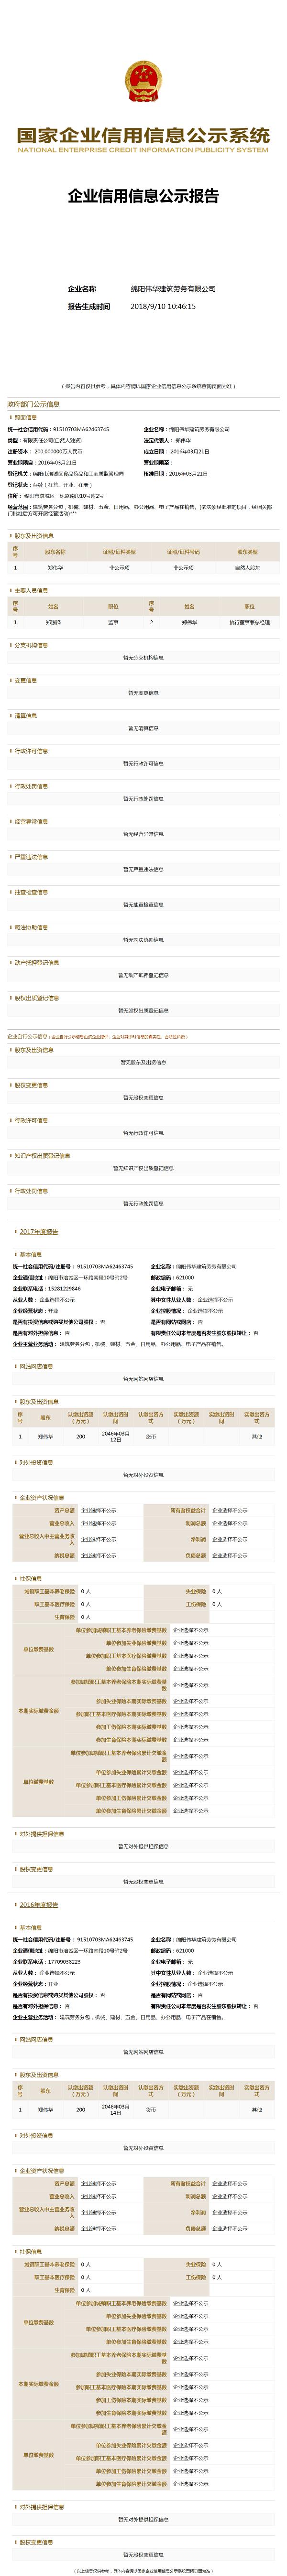 綿陽偉華建筑勞務有限公司 (1)